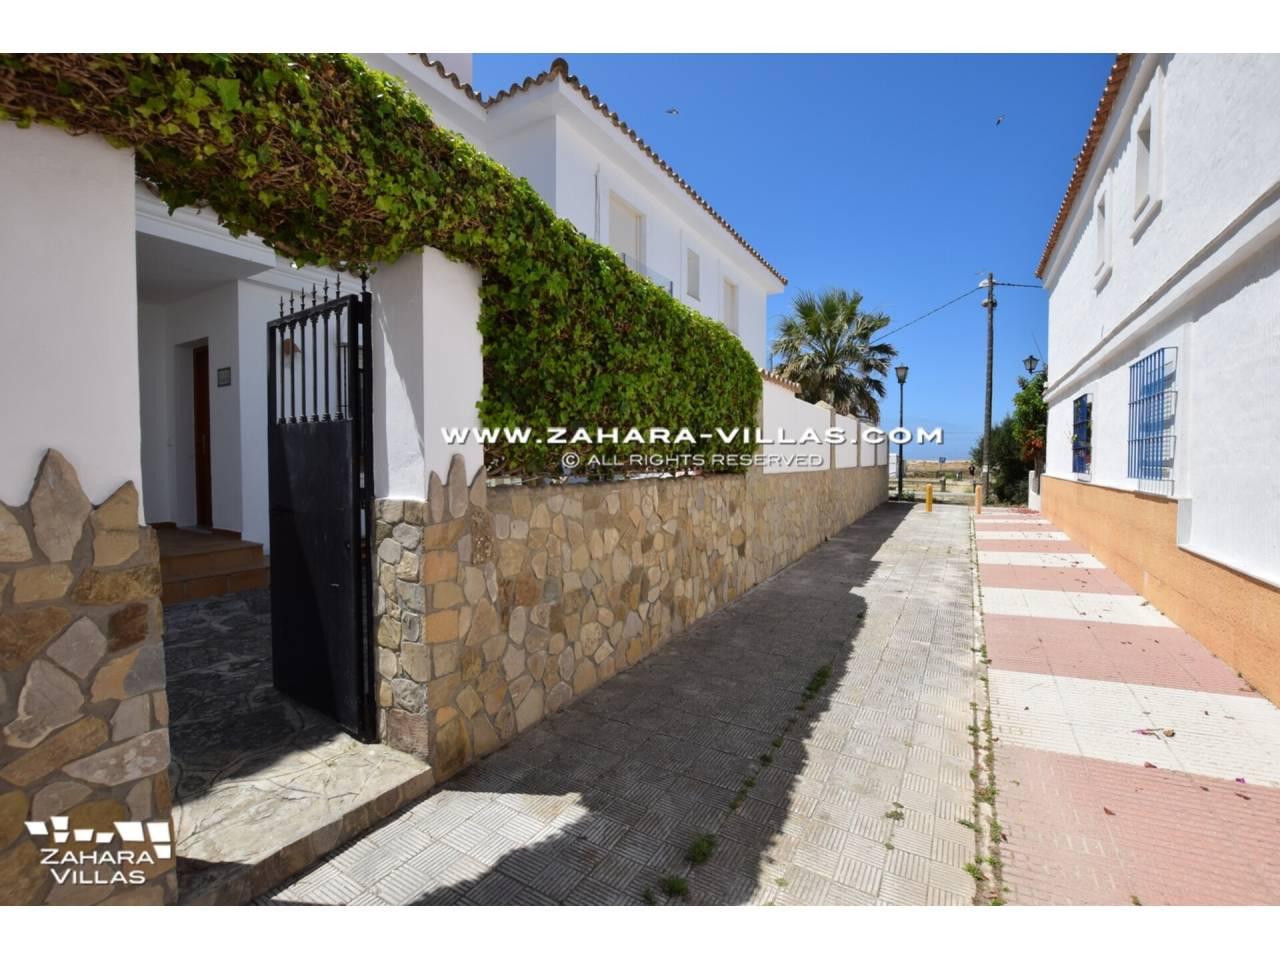 Imagen 4 de Casa en venta en segunda línea de playa, con vistas al mar en Zahara de los Atunes